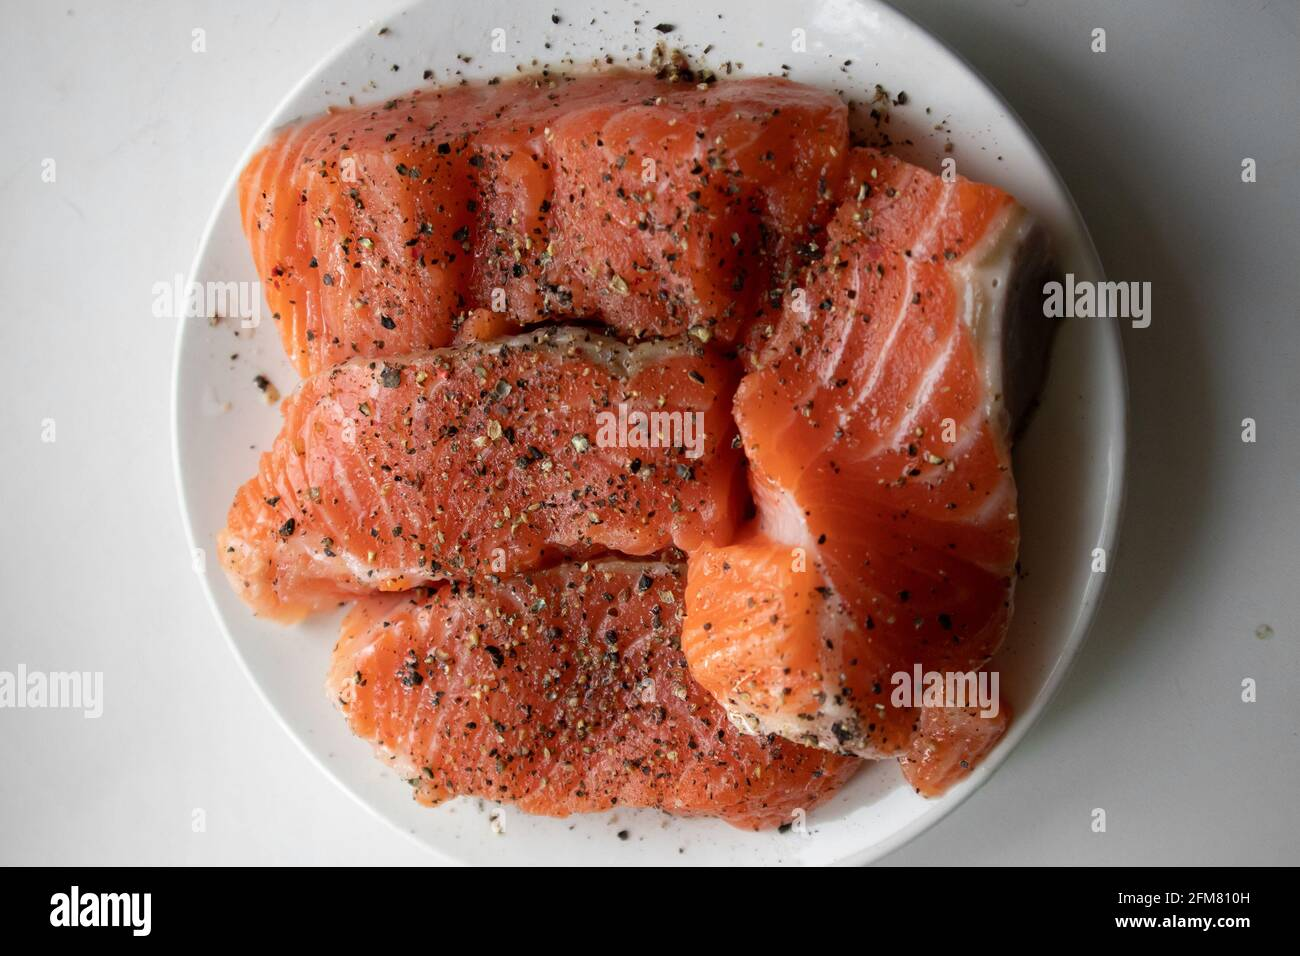 Apetitosos trozos de salmón crudo fresco con especias tumbadas un plato blanco Foto de stock